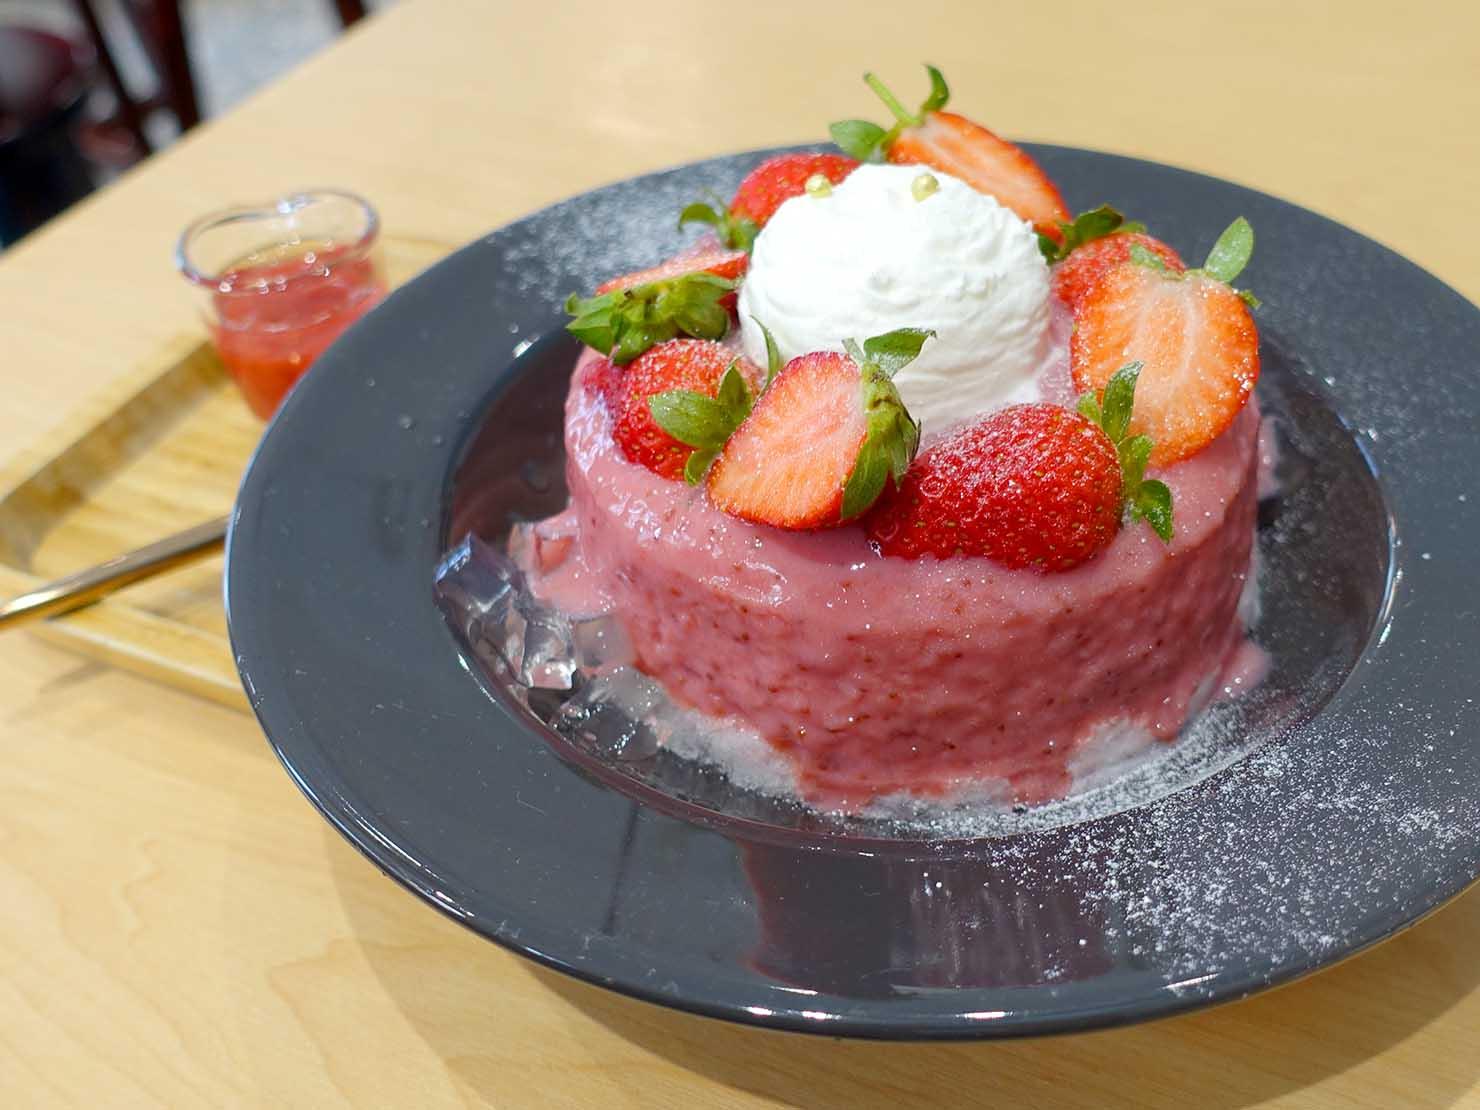 台北・東門エリアのおすすめスイーツ店「金雞母」の冬雪橘酒草莓冰(いちごかき氷)